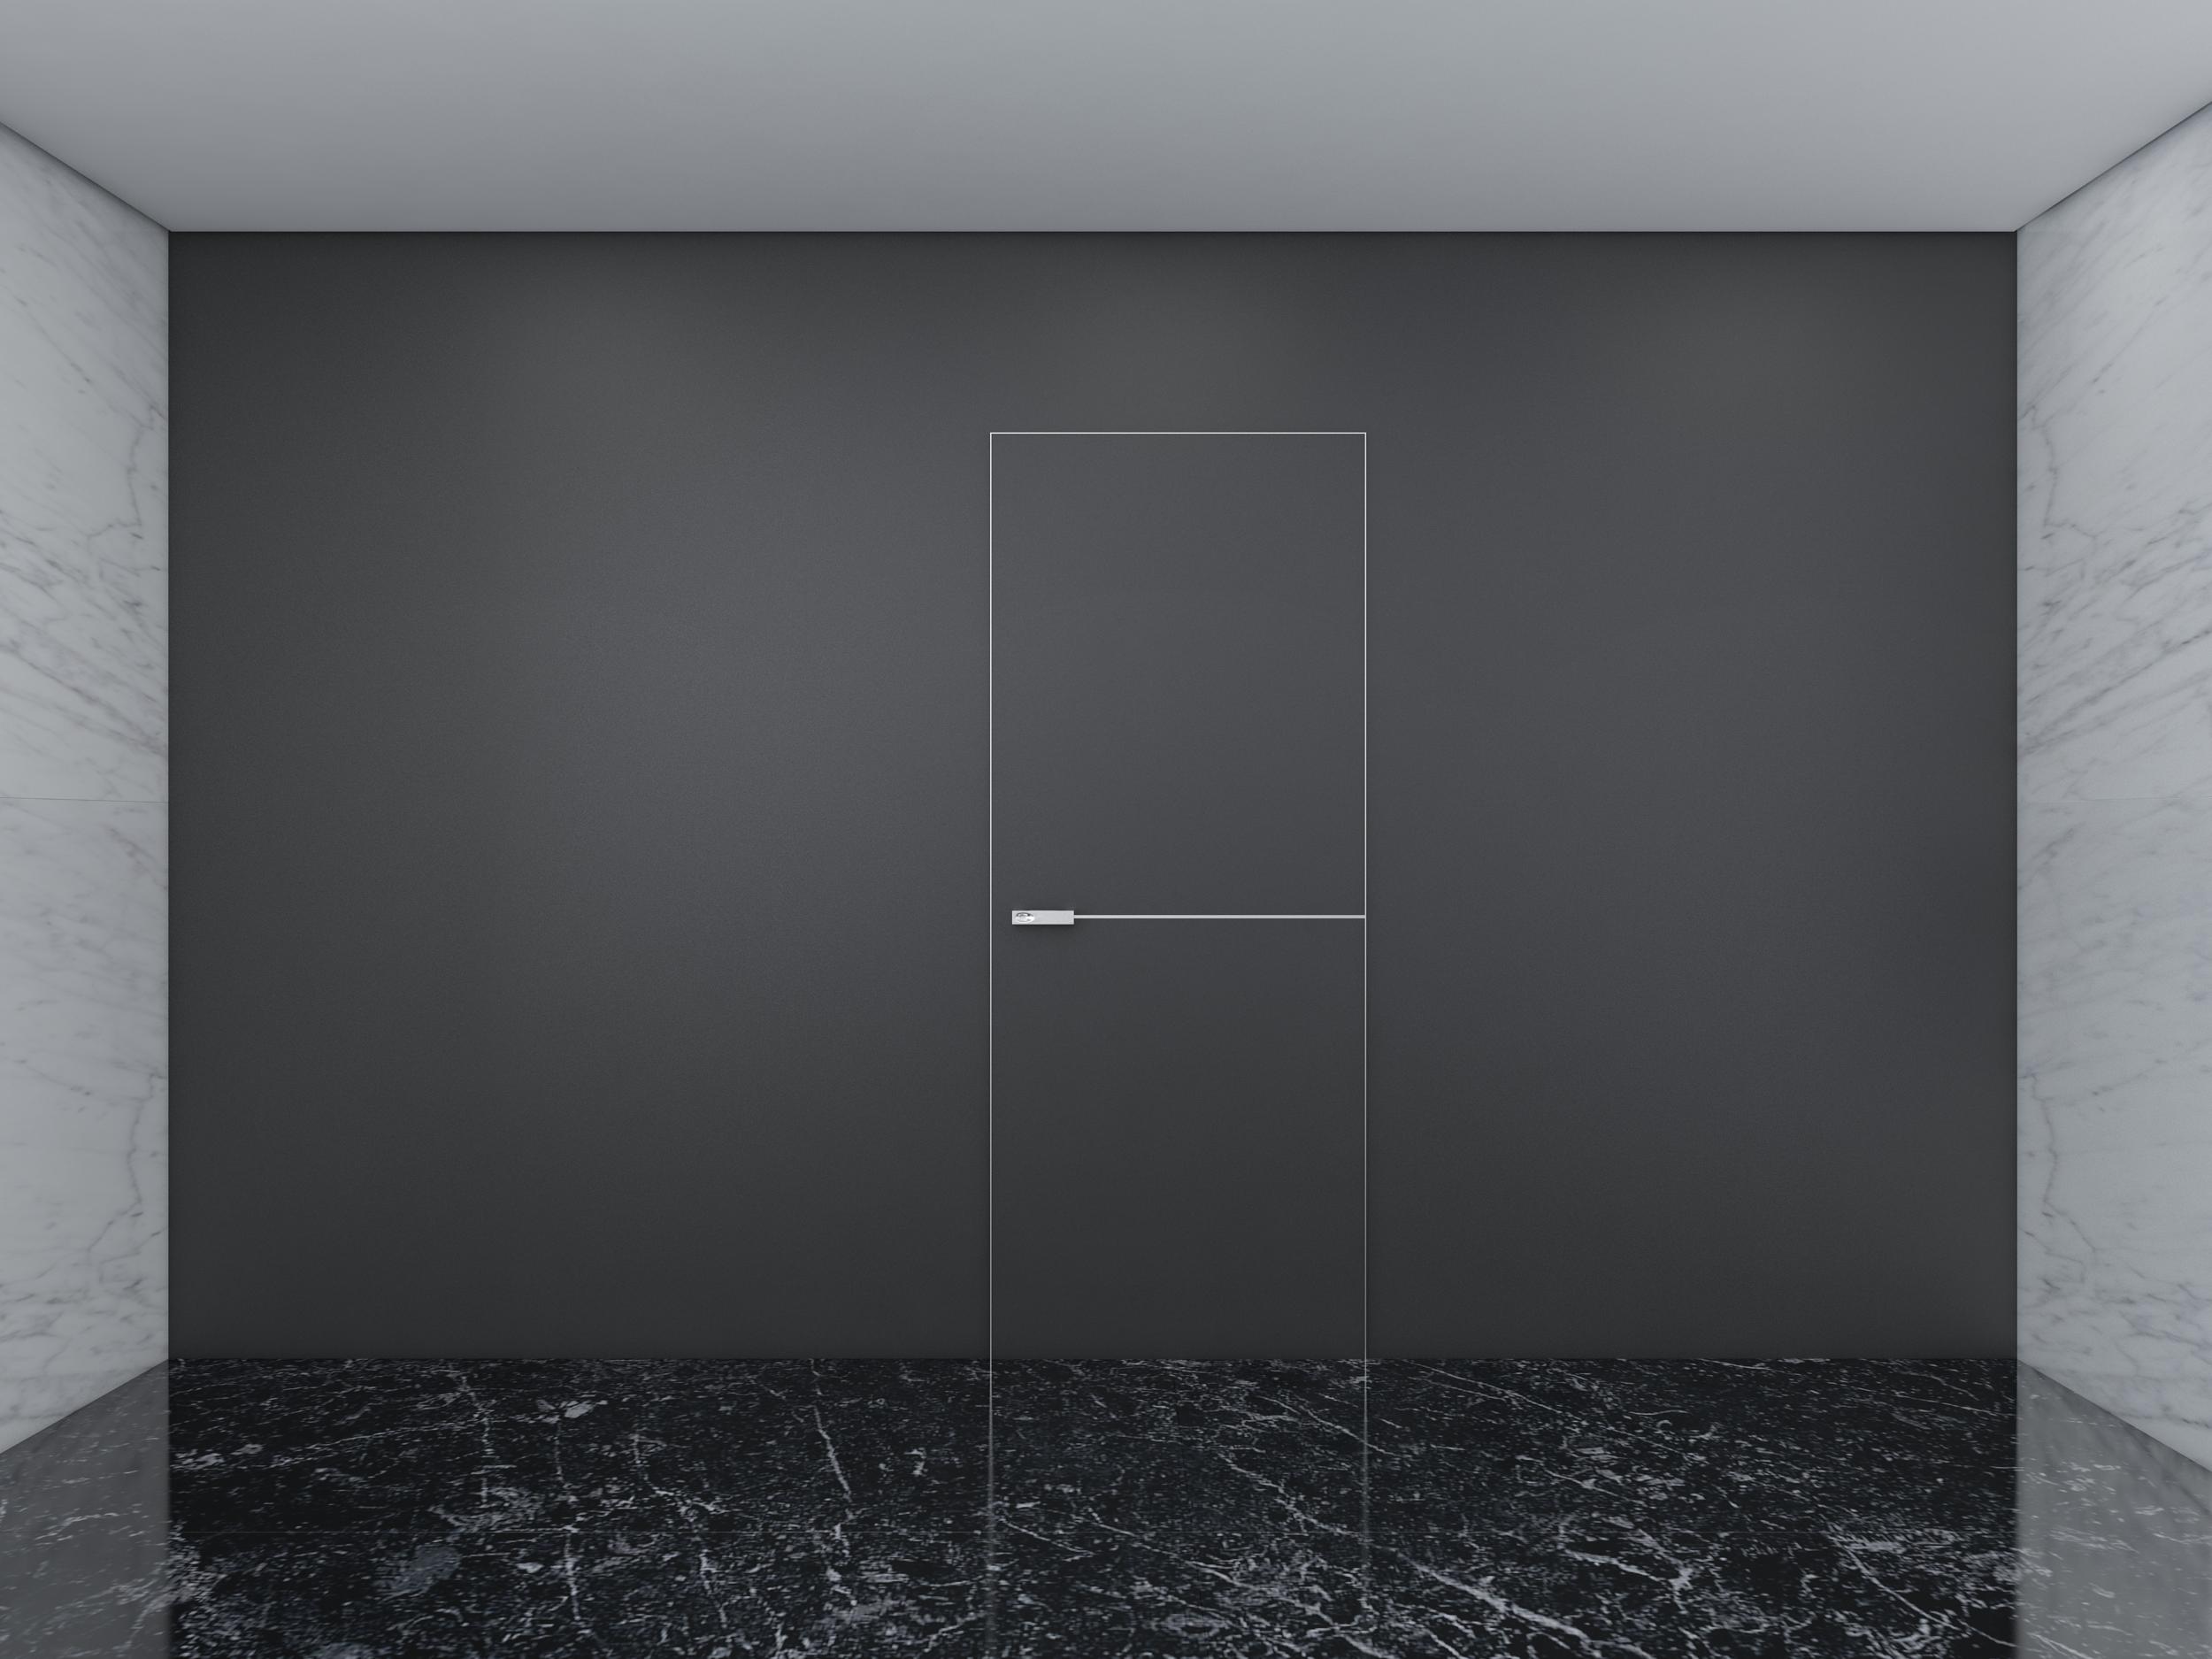 Скрытая дверь в интерьере